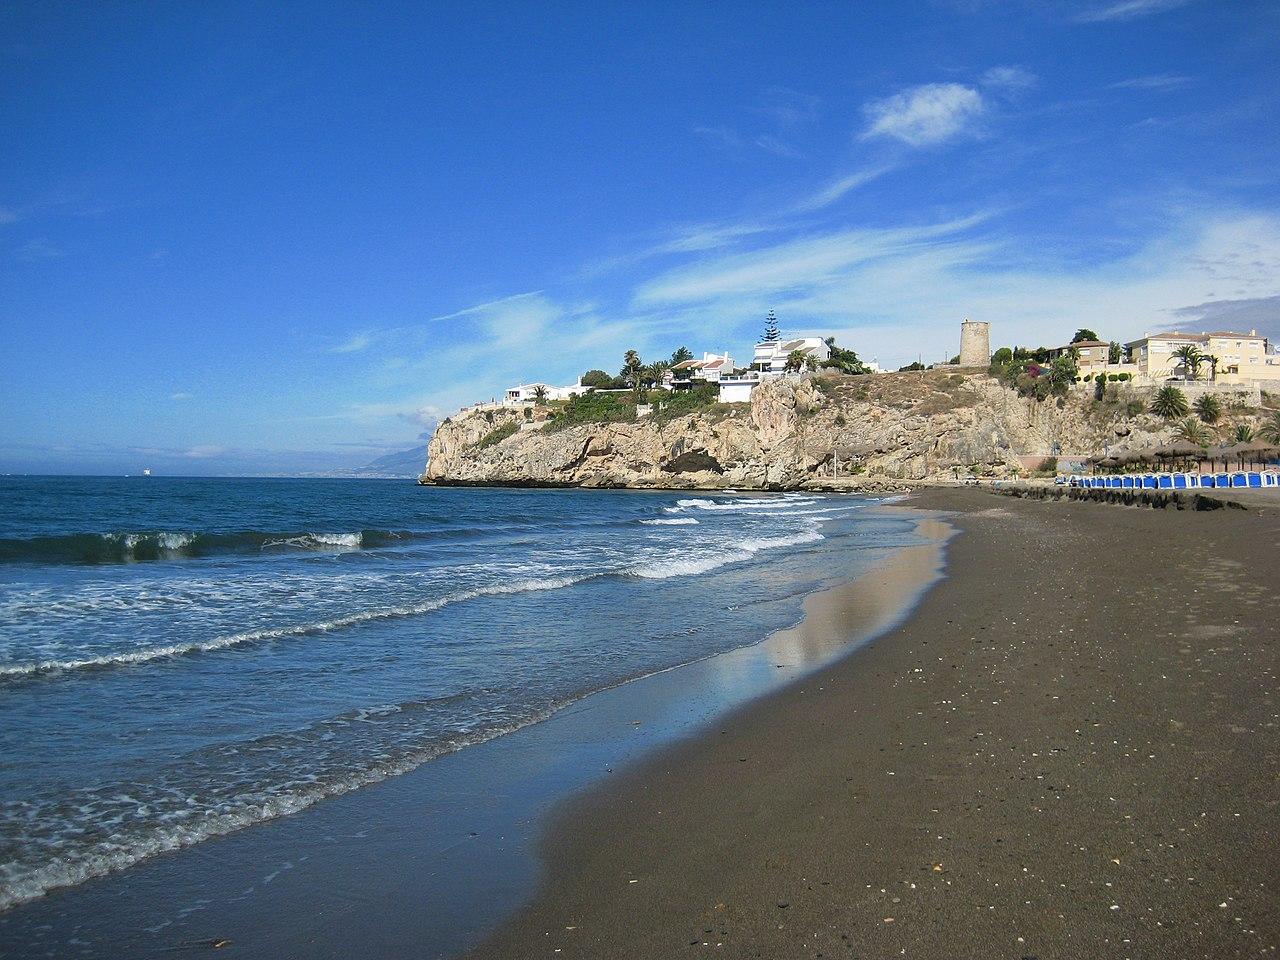 Archivo Playa Del Rincón De La Victoria Jpg Wikipedia La Enciclopedia Libre